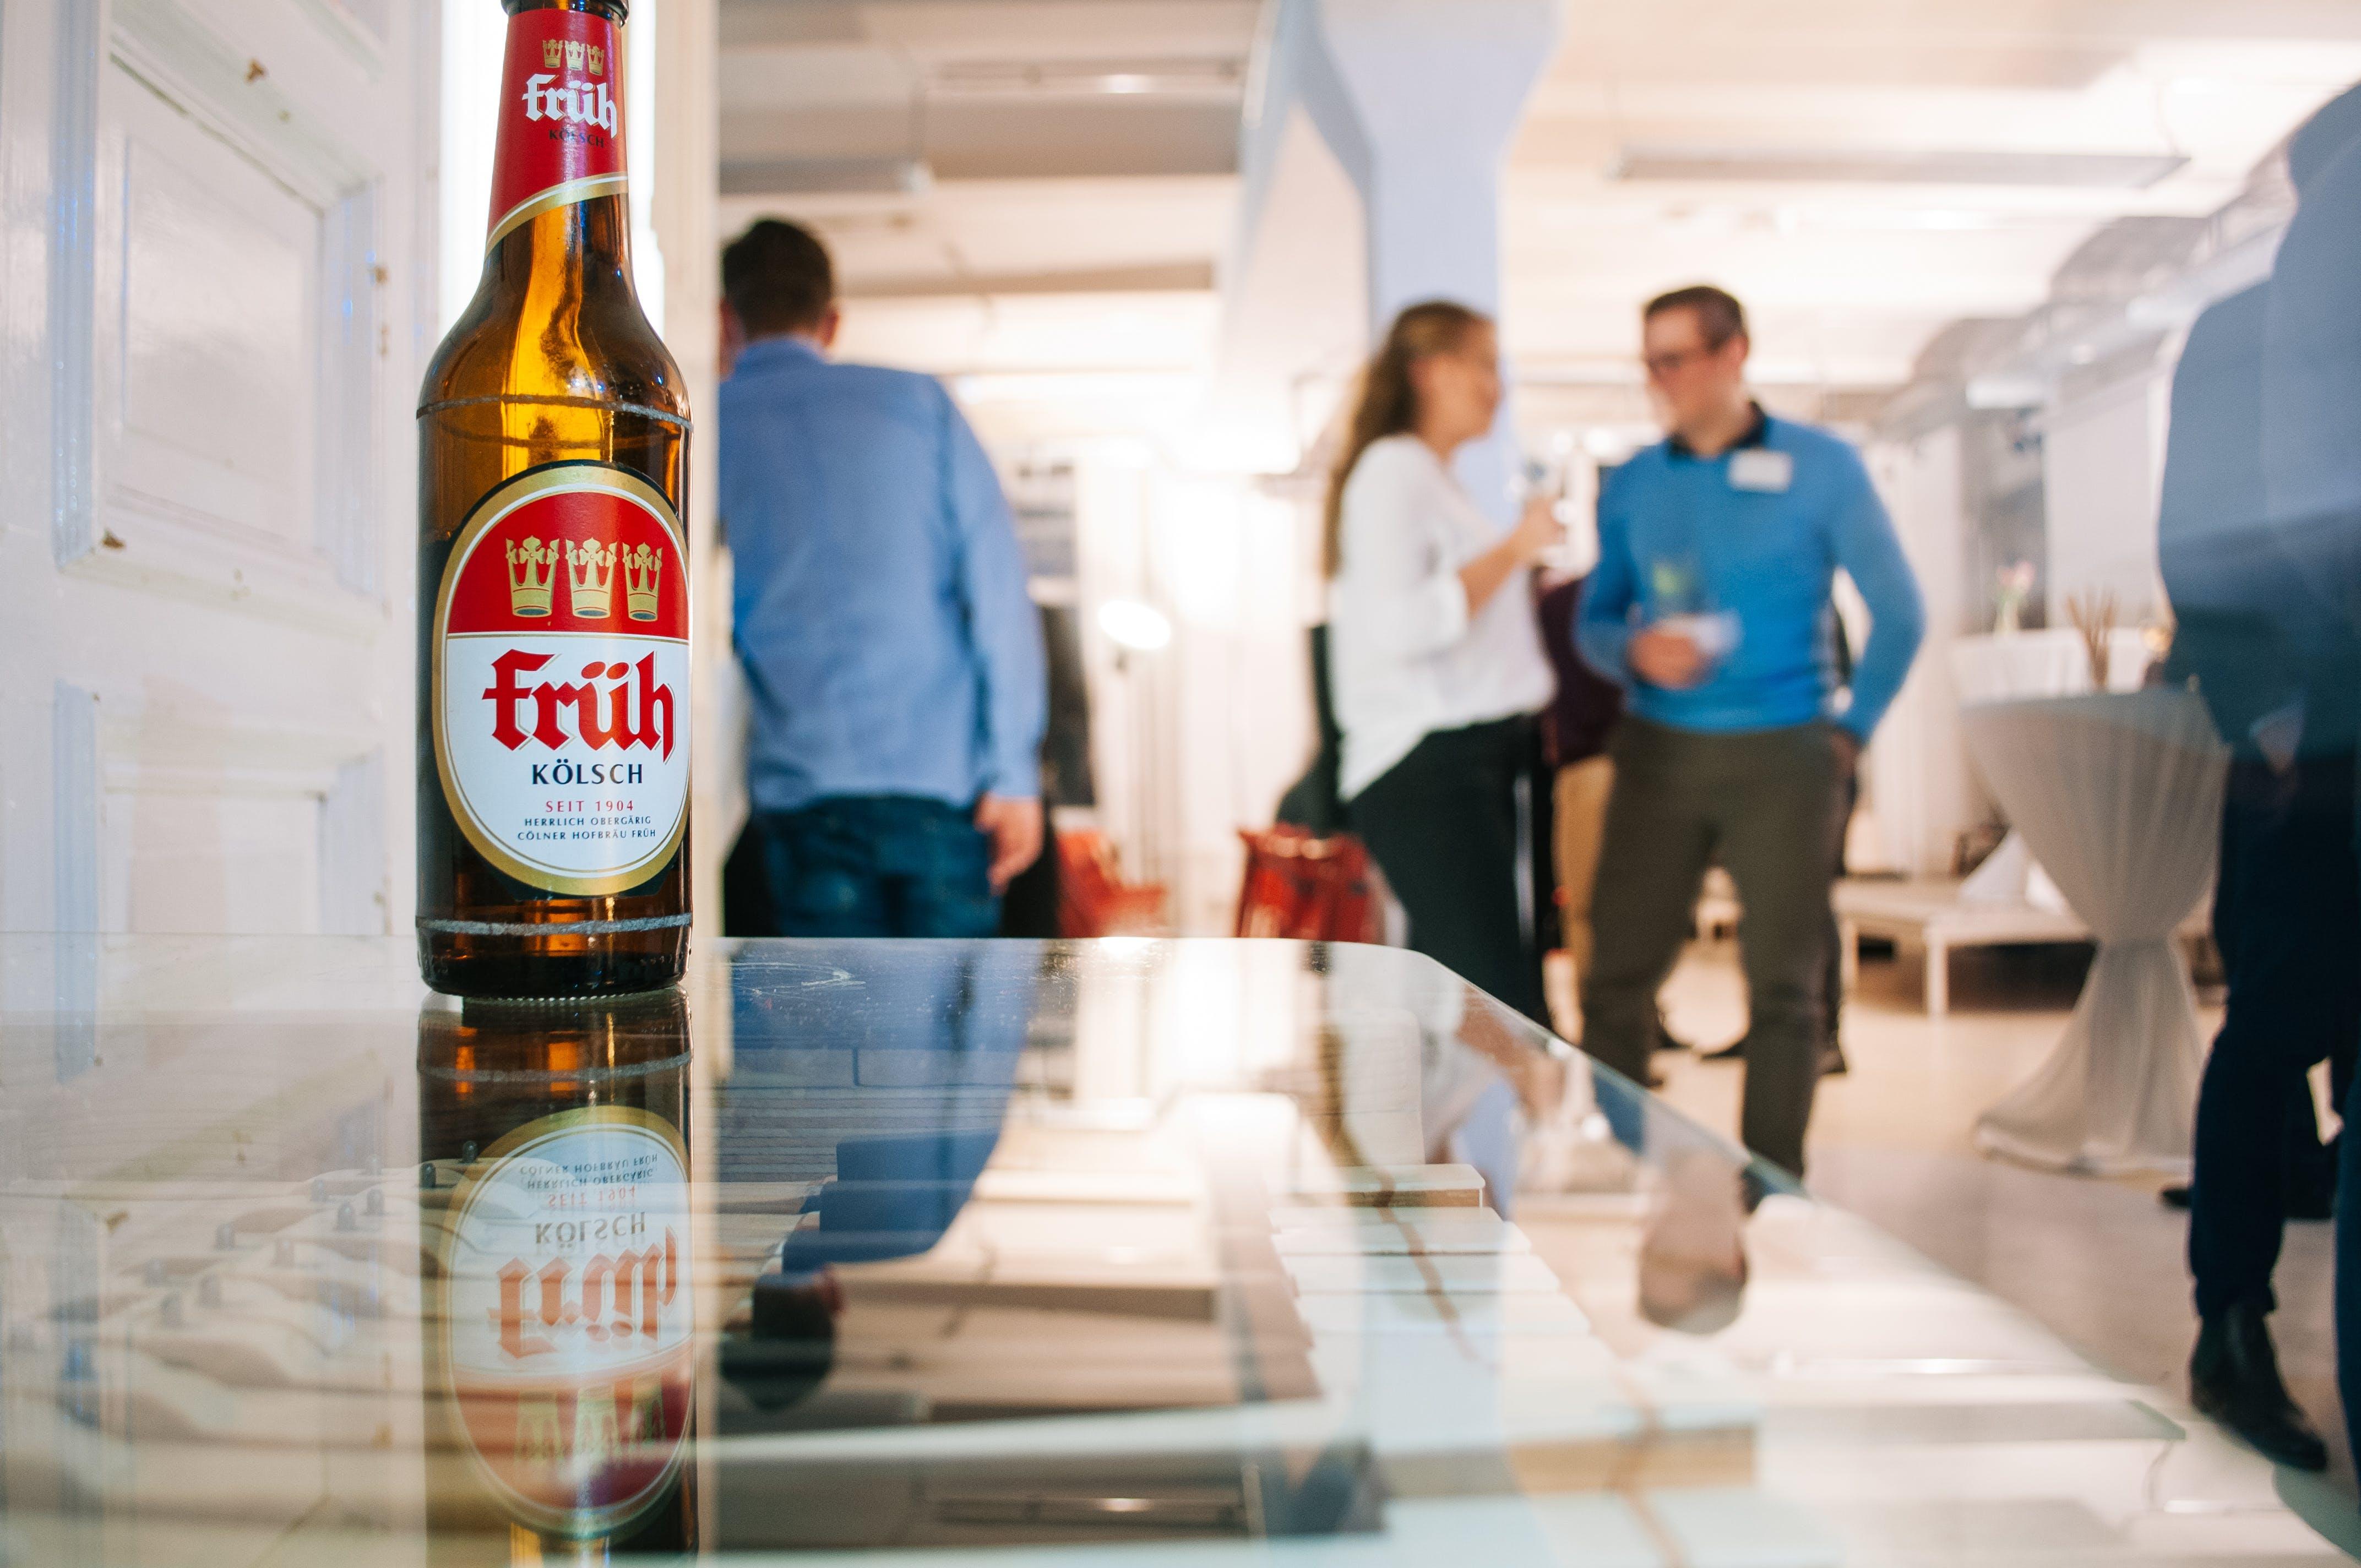 Titelbild-Startup-meets-Mittelstand-Frueh-Koelsch-Kölsch-Startups-c-SMM